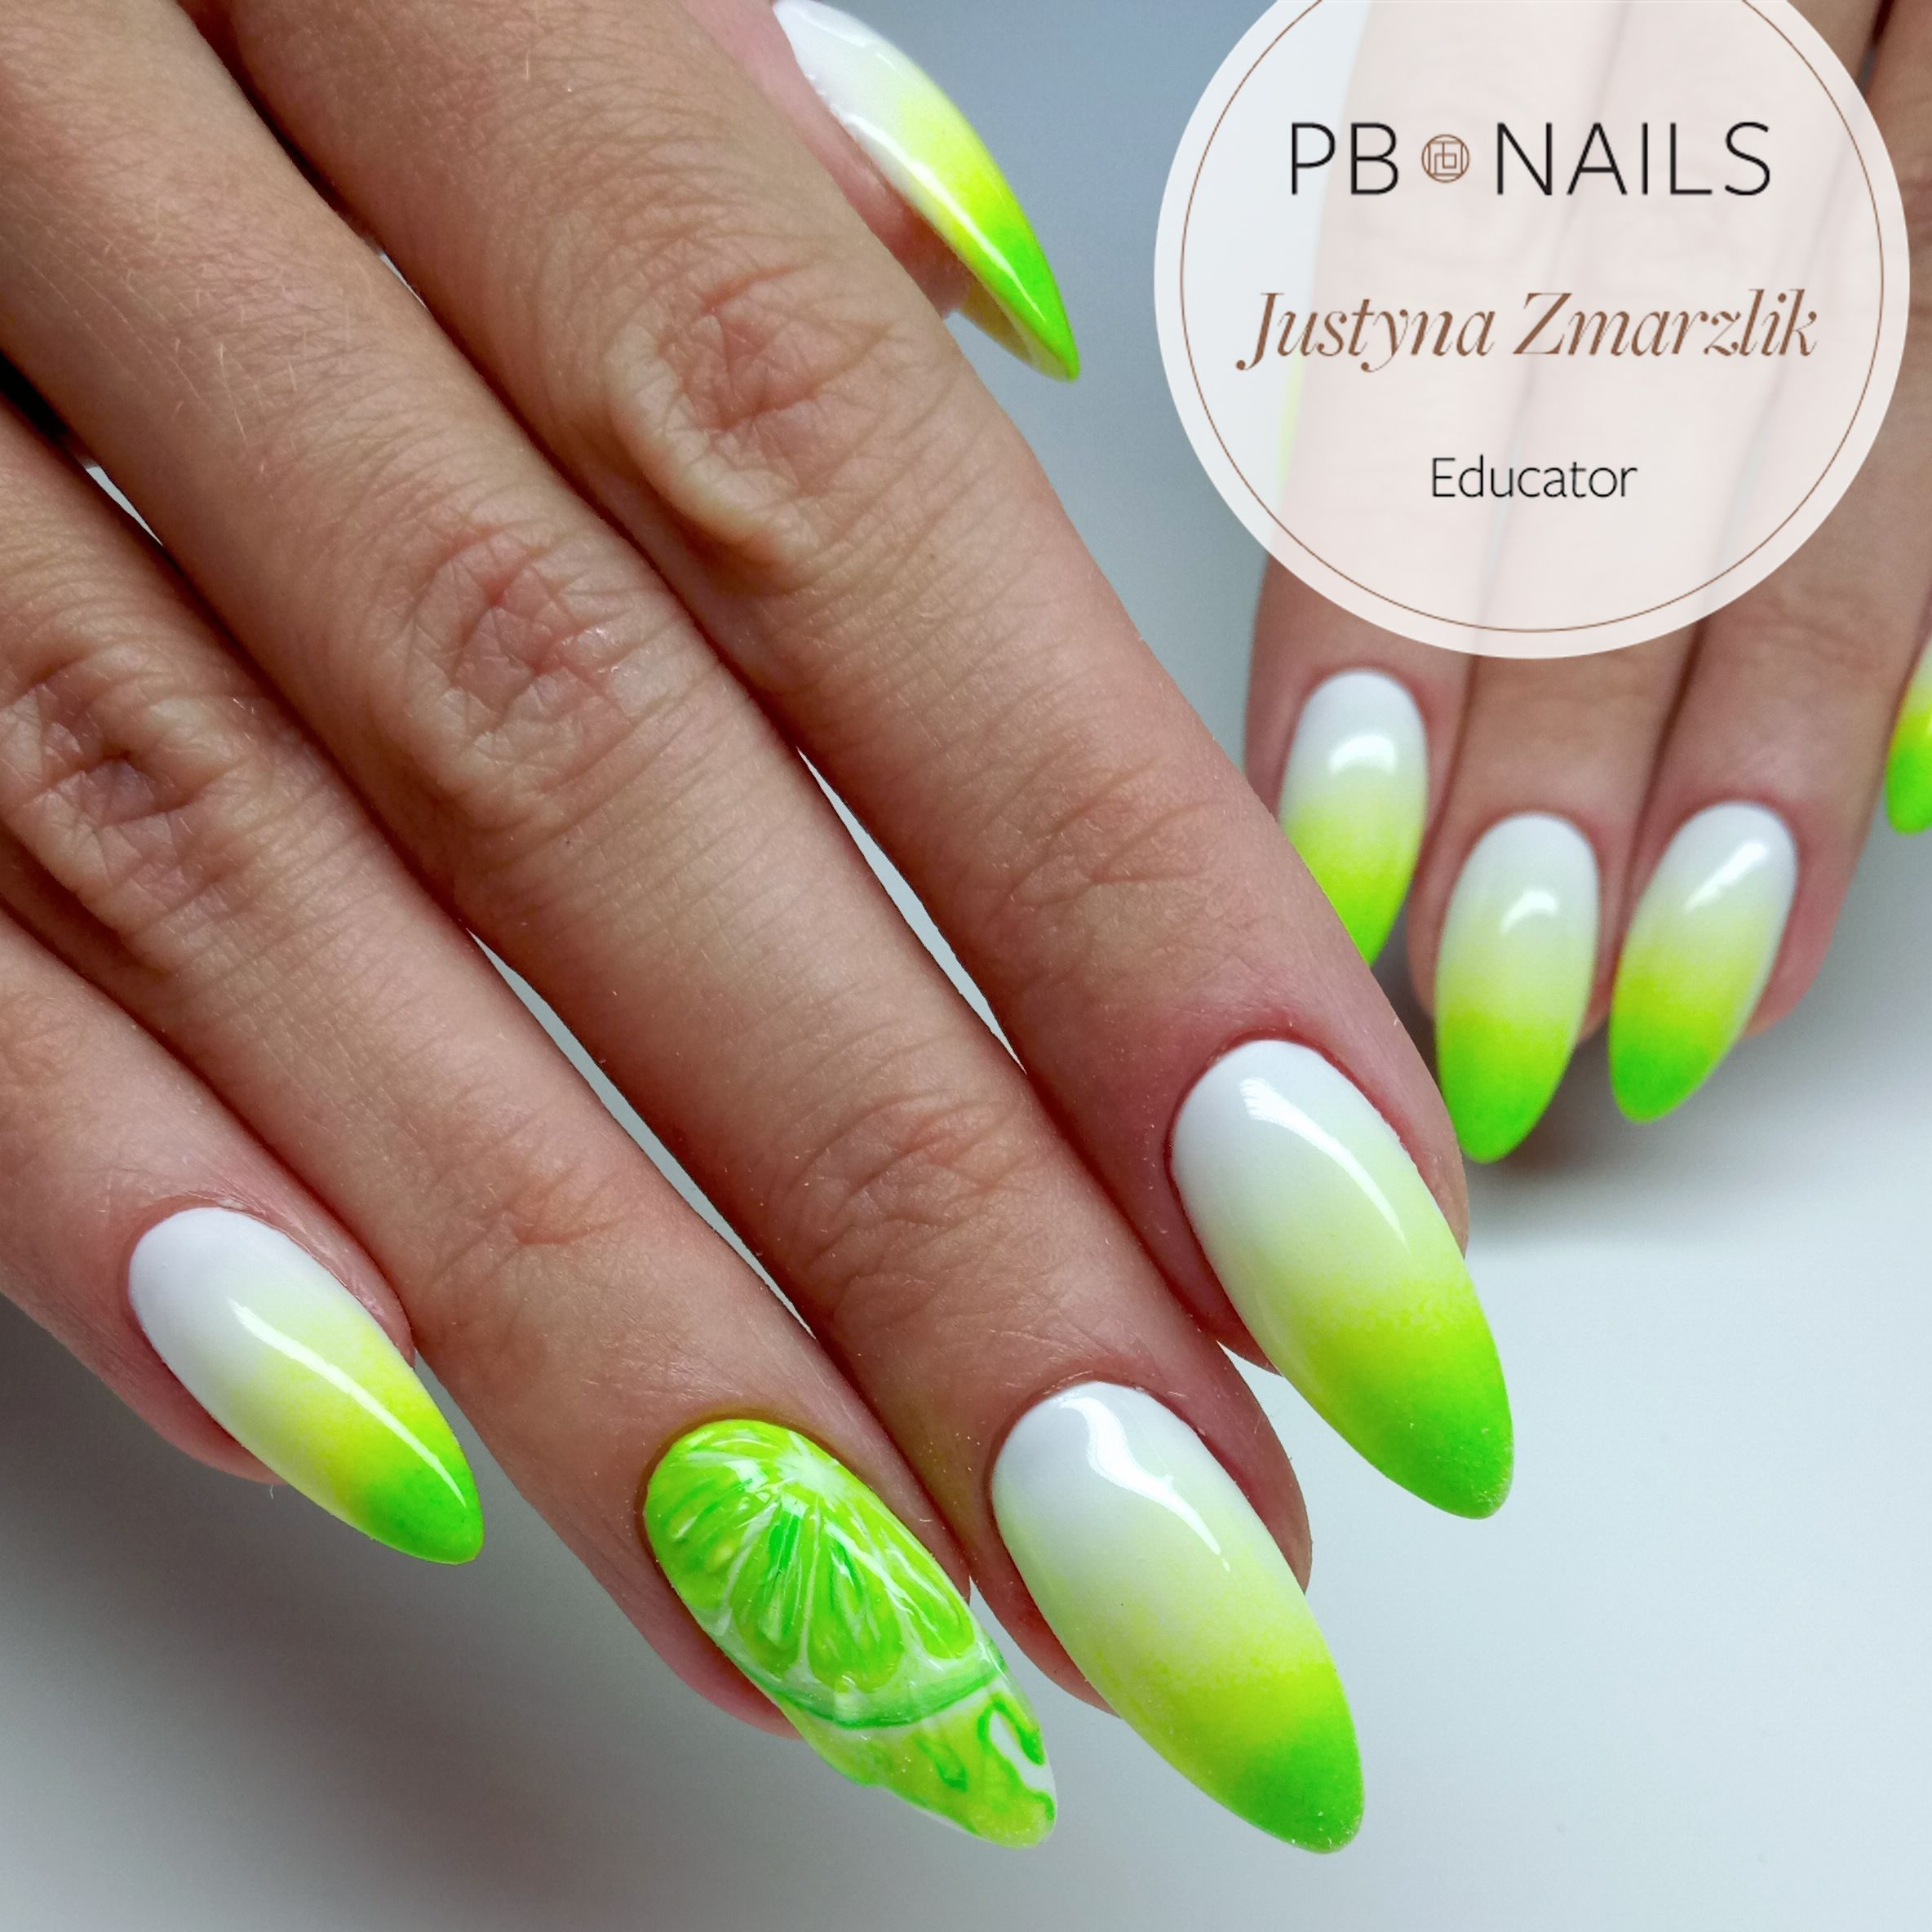 Limonka 3 Paznokcie Manicure Zielone Paznokcie